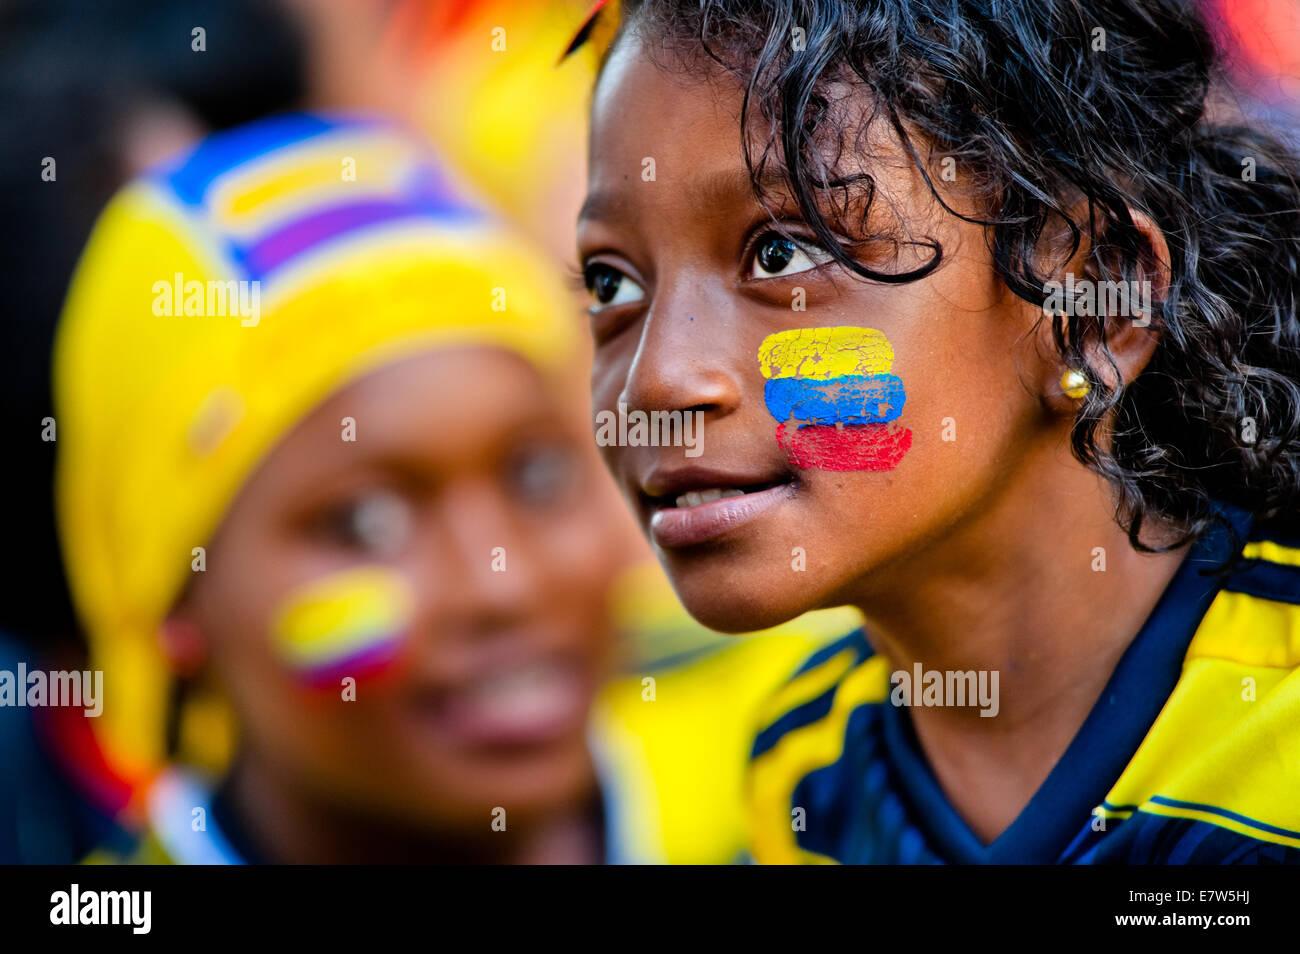 Una niña colombiana mira el partido de fútbol en la copa mundial de la fifa 2014, en un parque en la ciudad Imagen De Stock